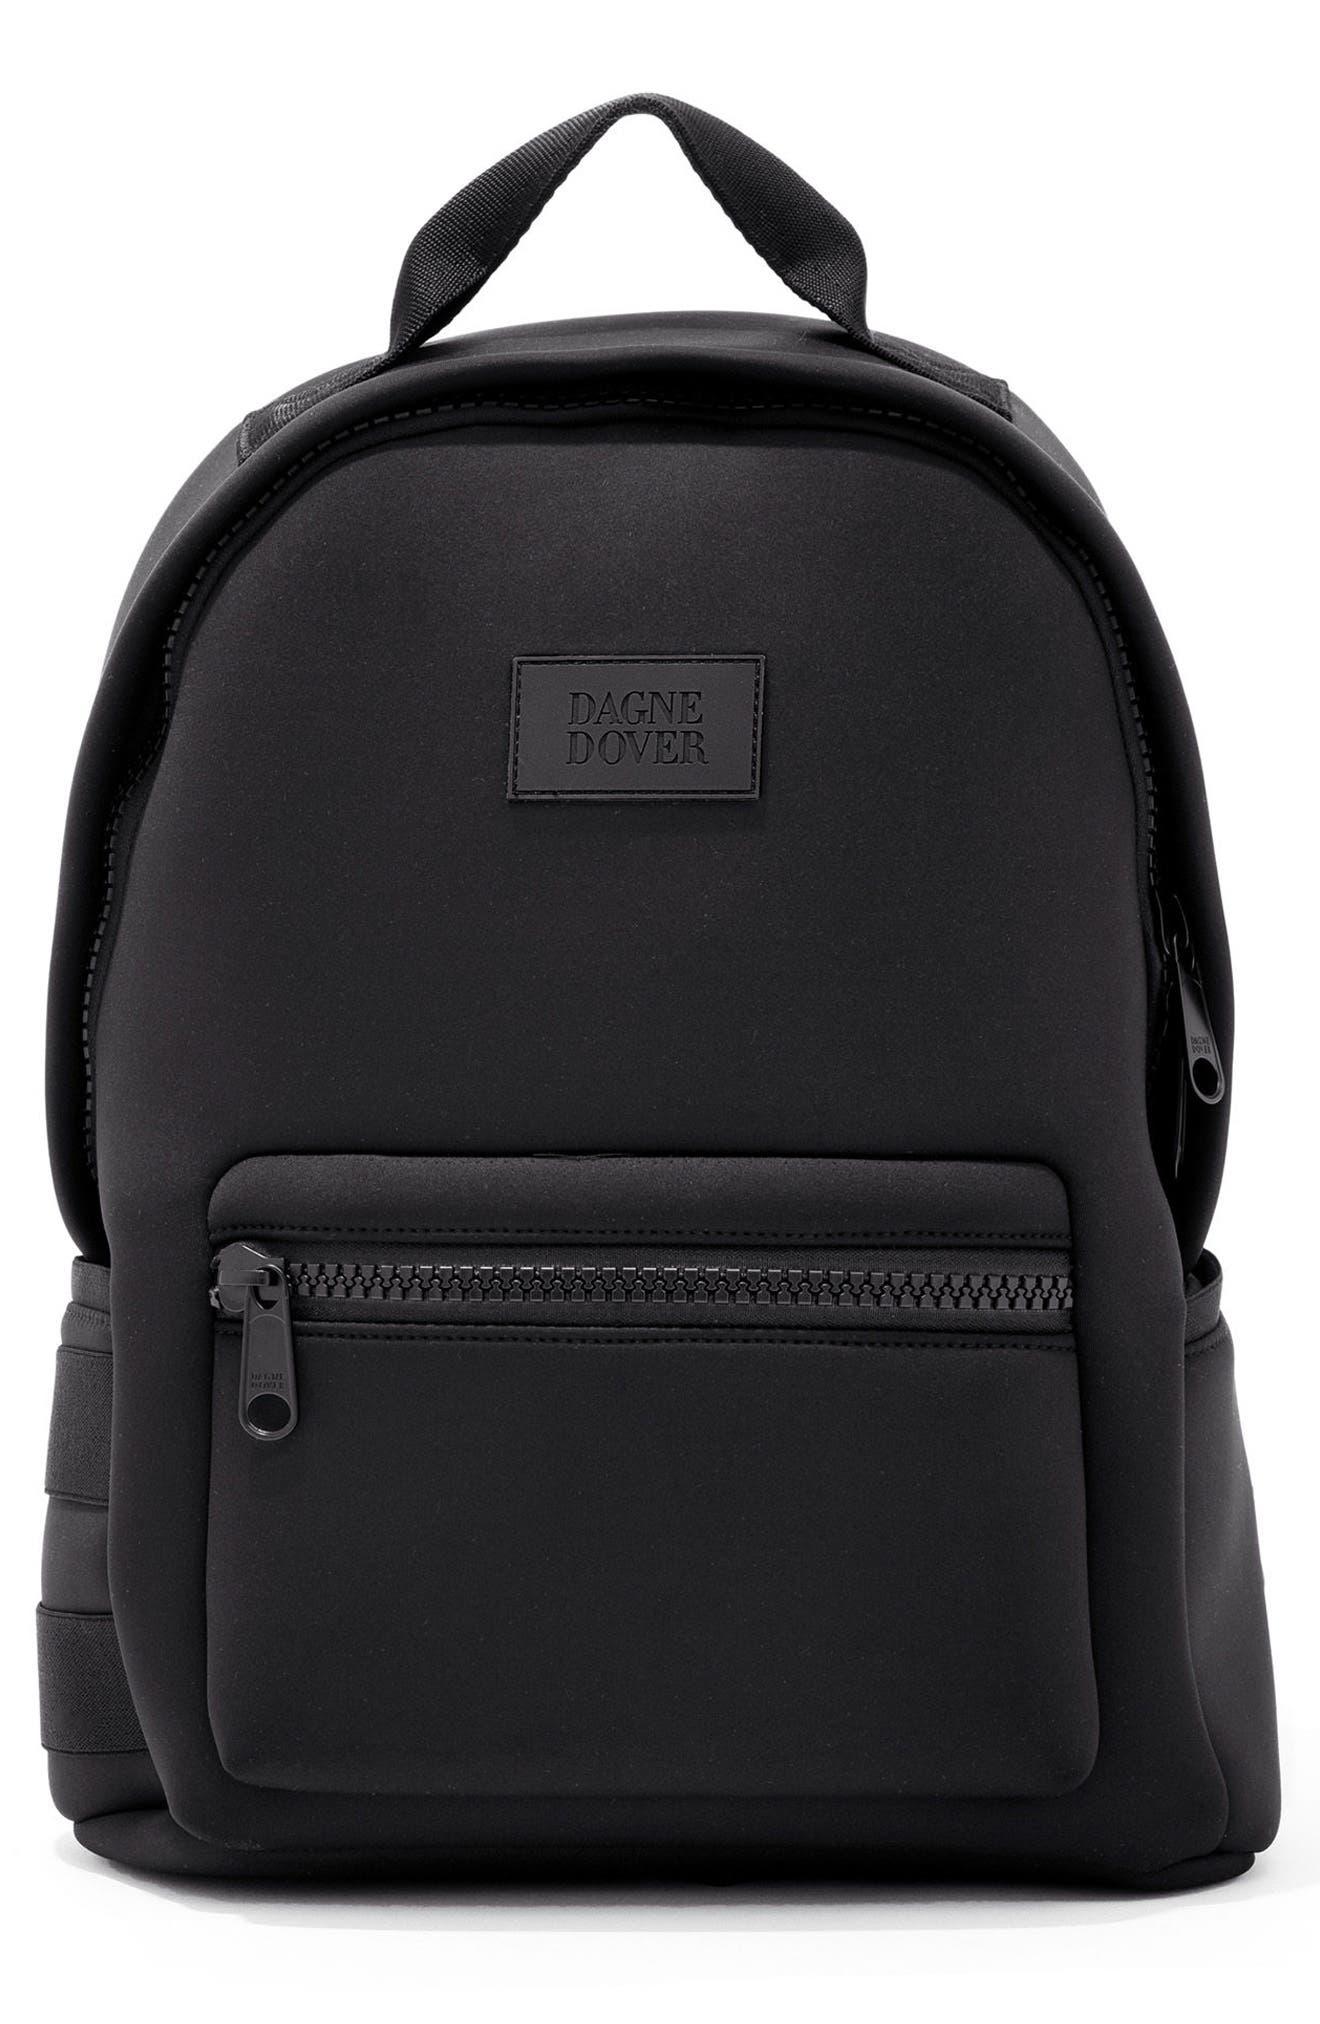 Main Image - Dagne Dover Dakota Neoprene Backpack